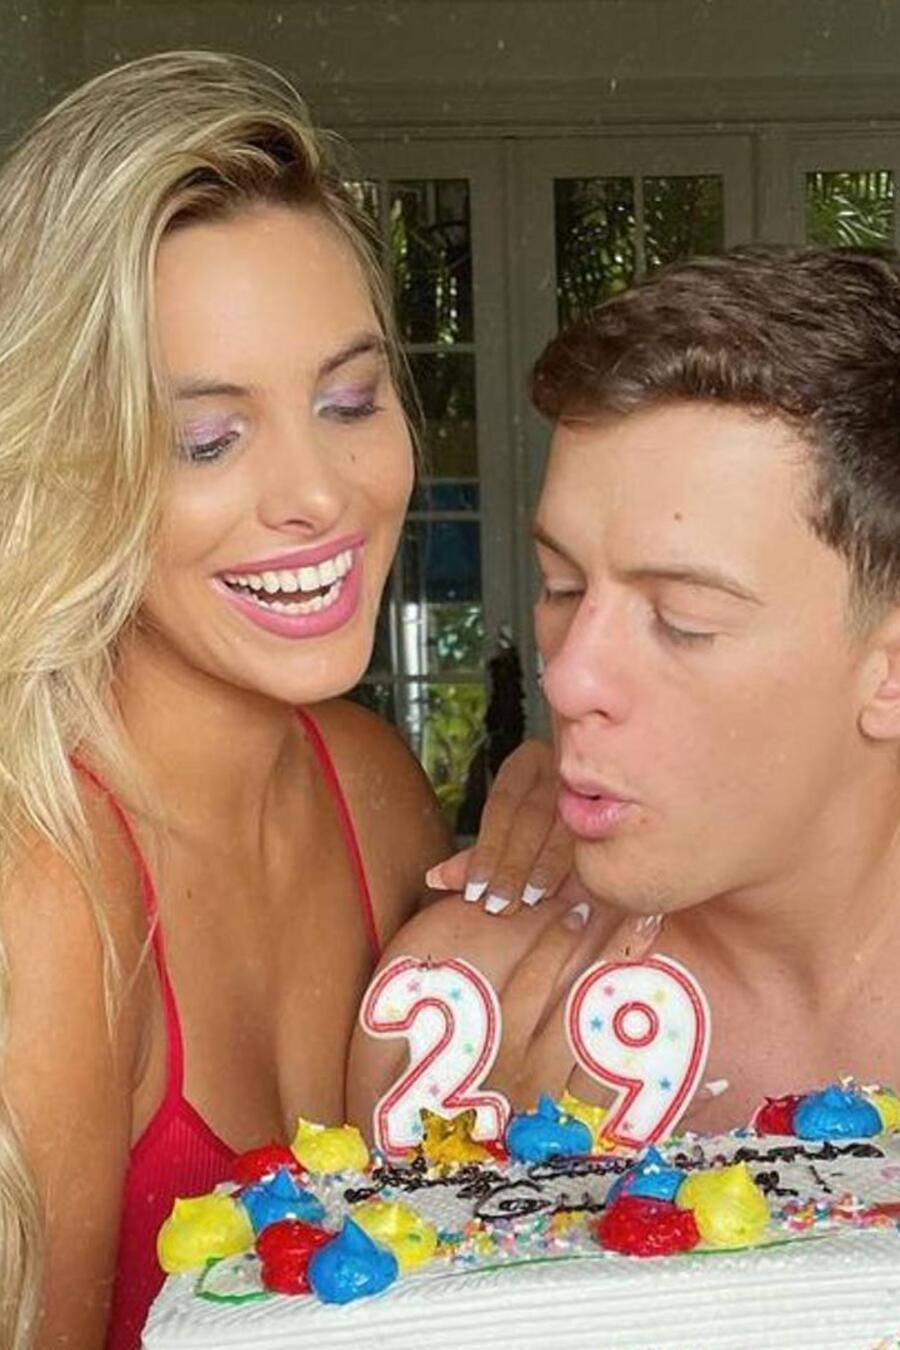 Lele Pons y Guaynaa, con su pastel de cumpleaños 29